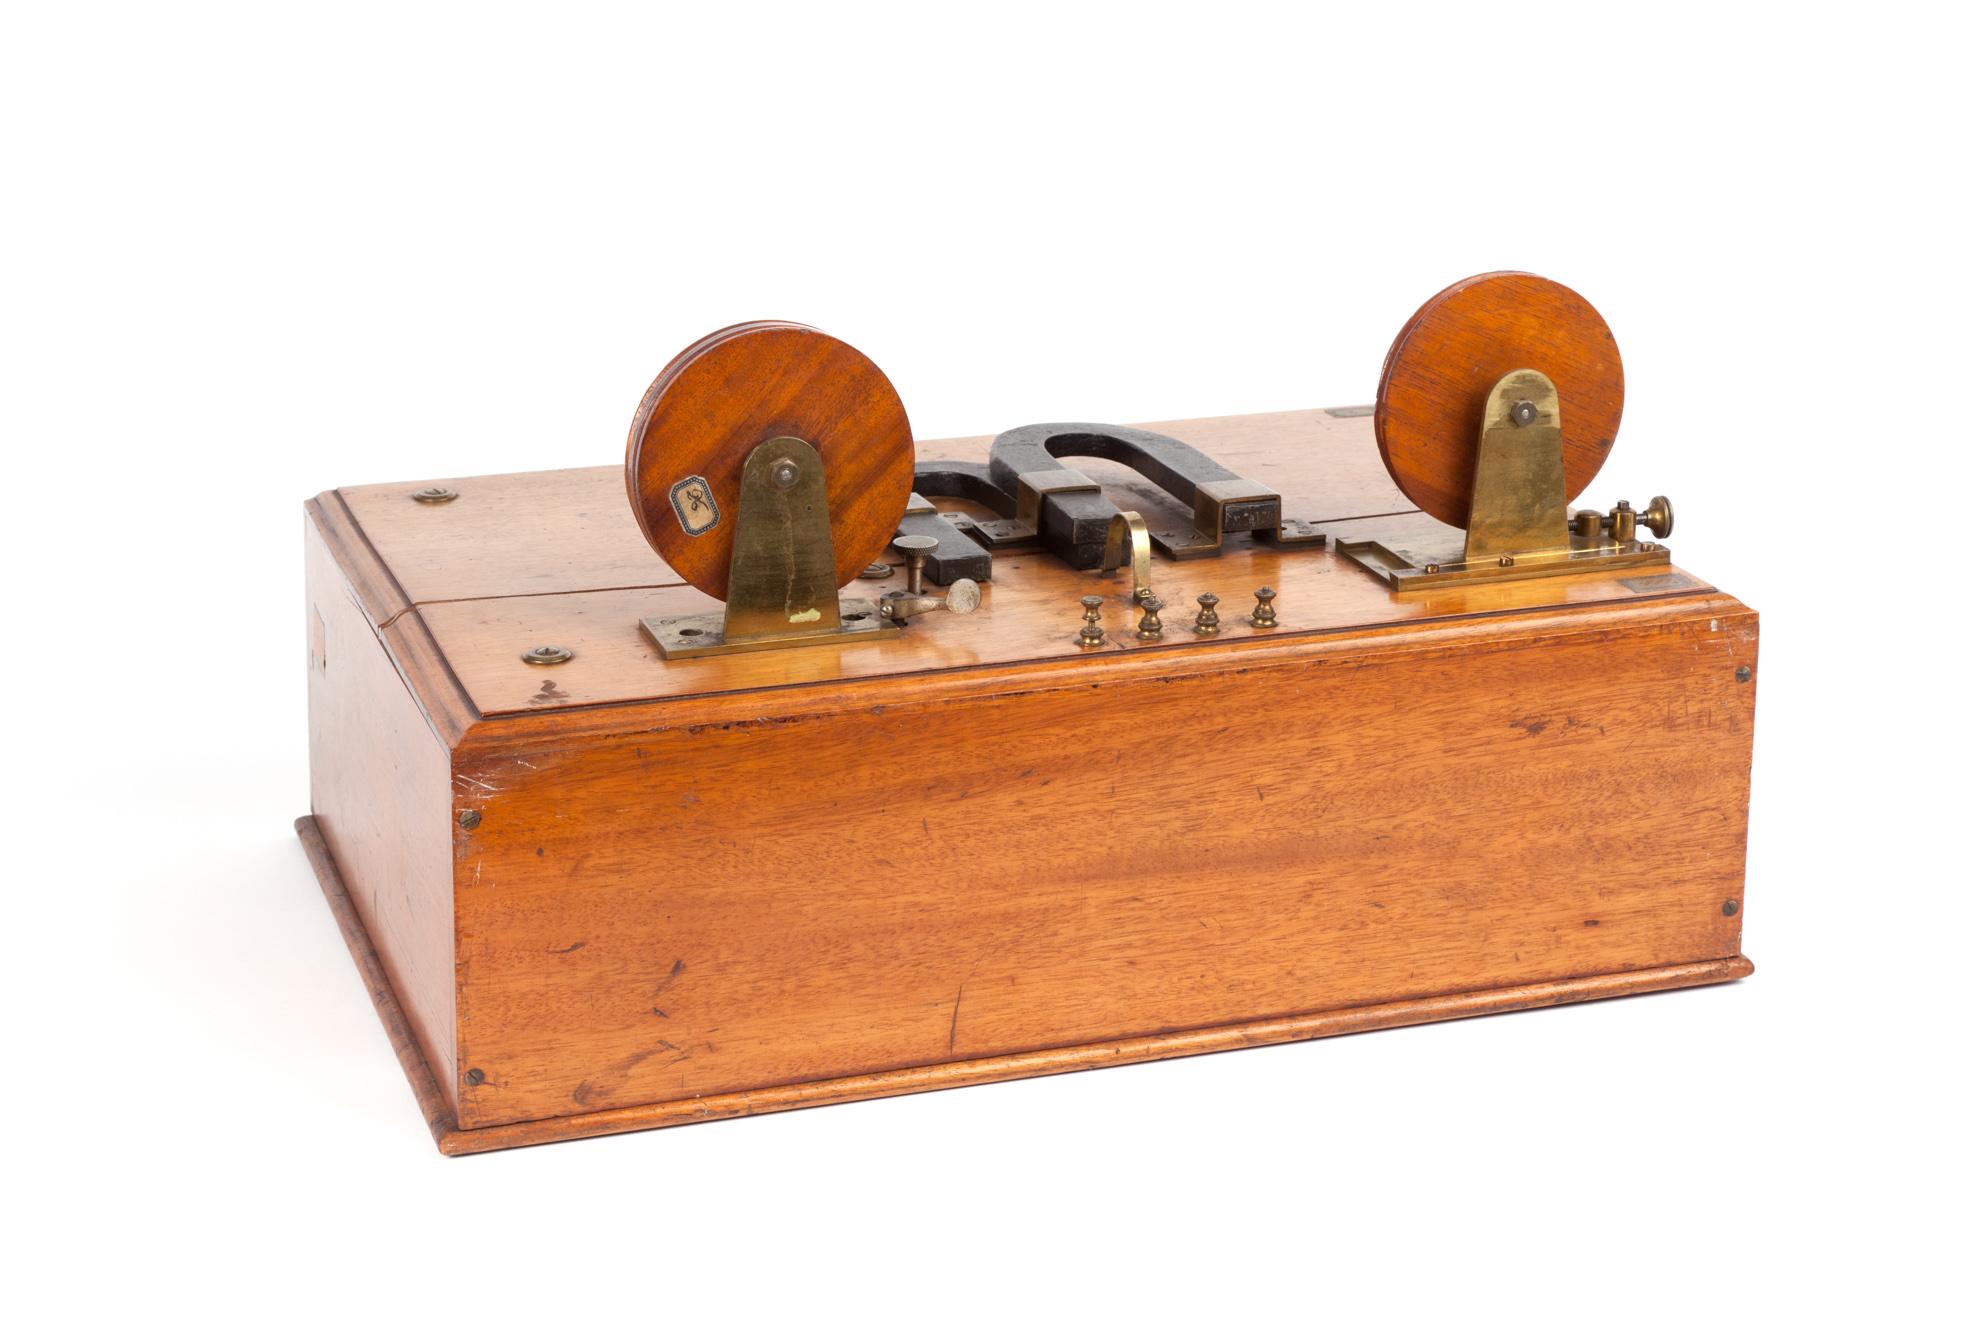 Detector magnetico Marconi utilizzato nella campagna sperimentale a bordo della Carlo Alberto nell'estate del 1902. Esposto al Museo nazionale della scienza e della tecnologia Leonardo da Vinci di Milano.